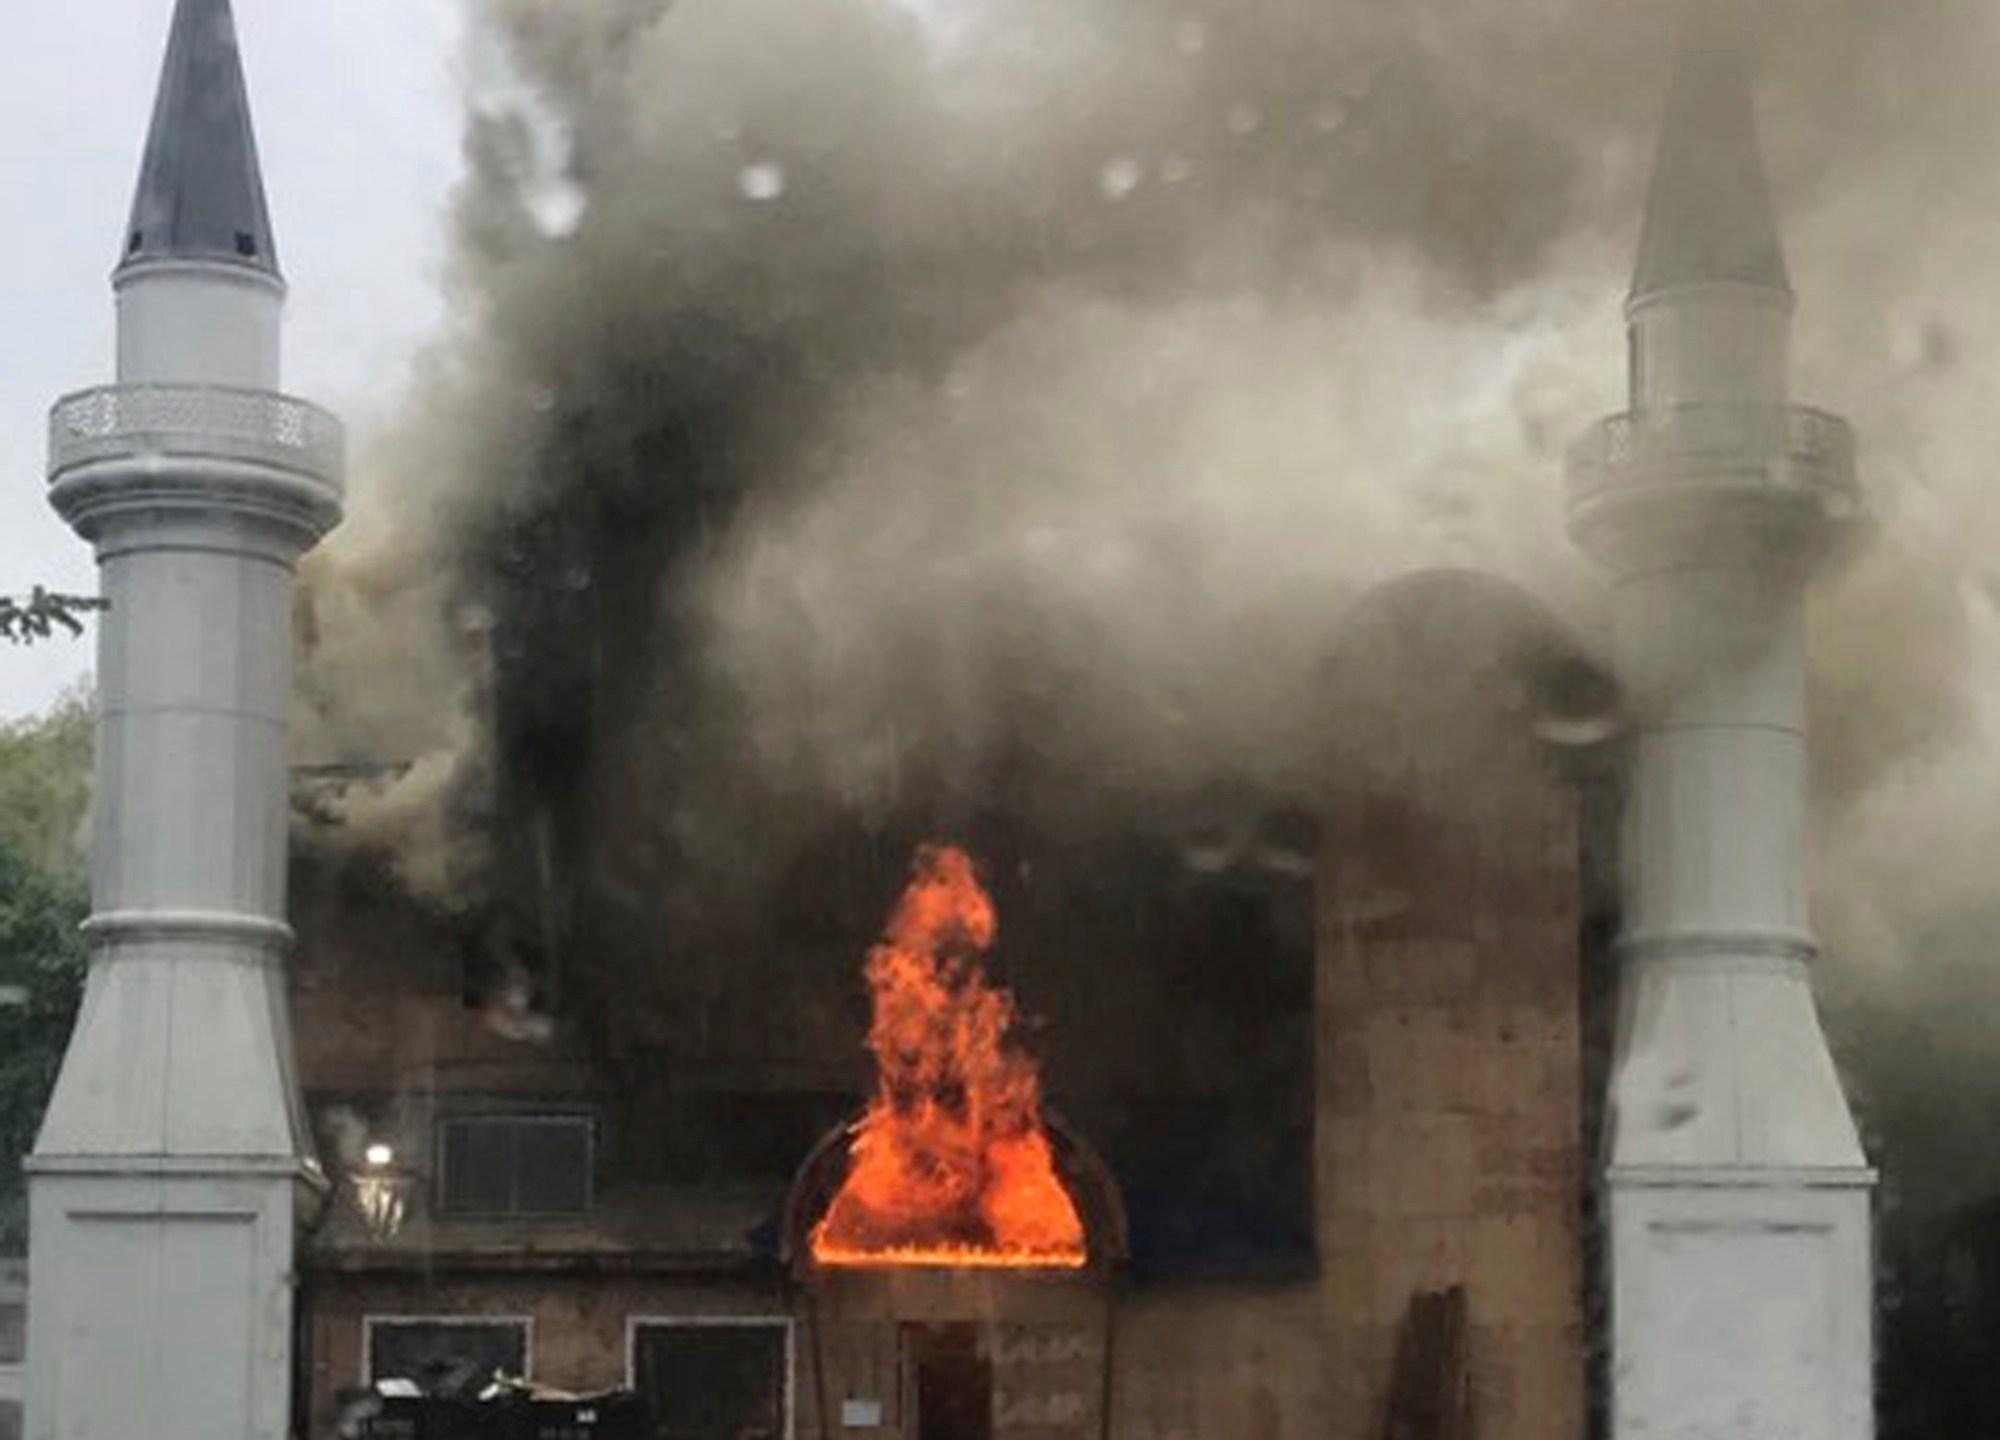 Mosque_Fire_60517-159532.jpg97418650